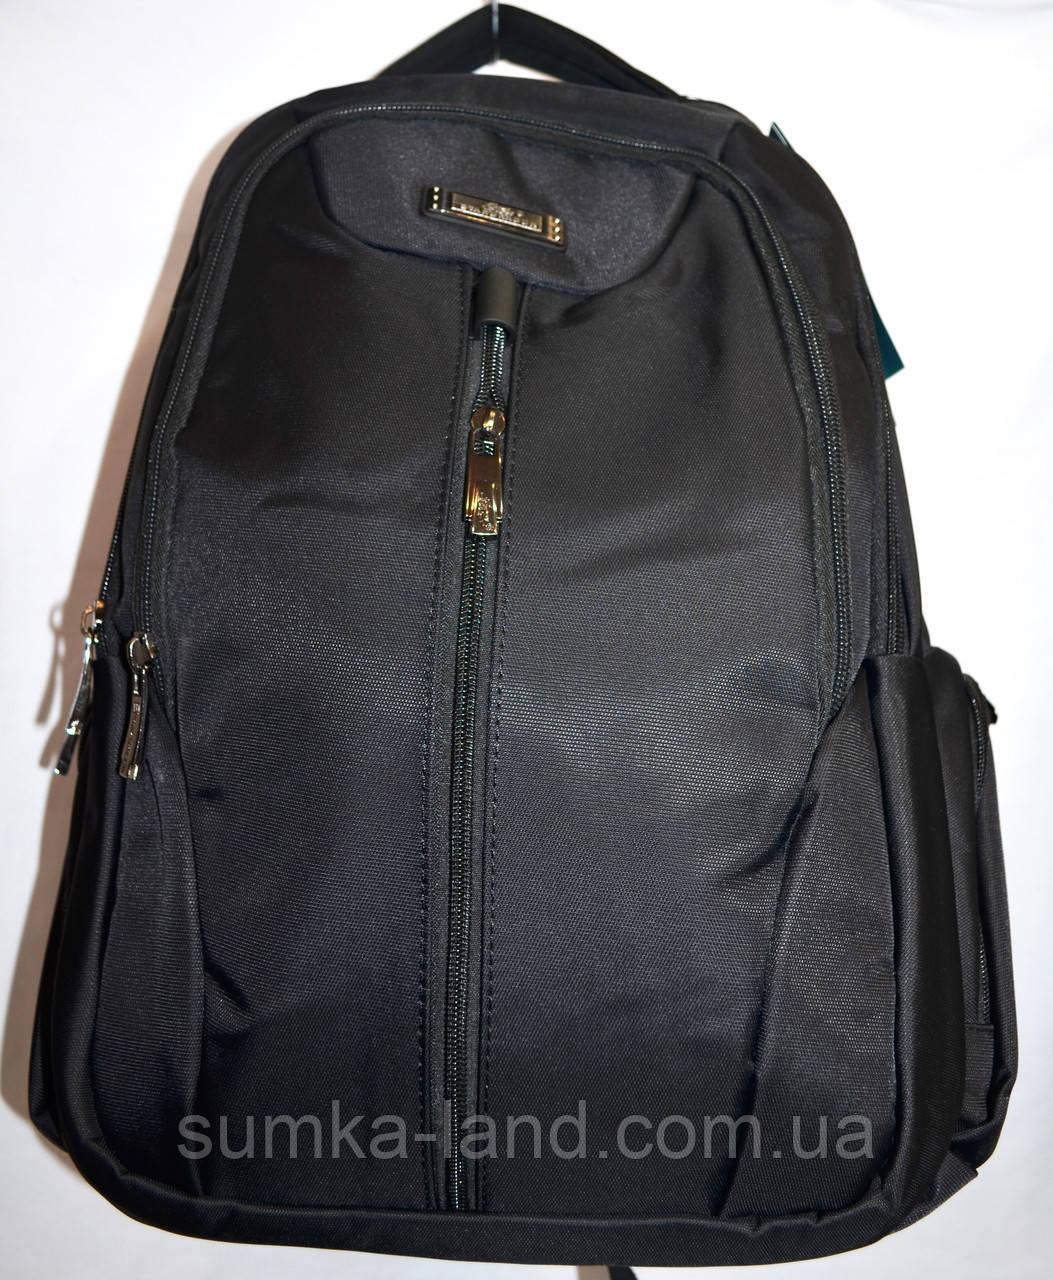 Портфели, рюкзаки и ранцы для школы (ЧЕРНЫЙ)